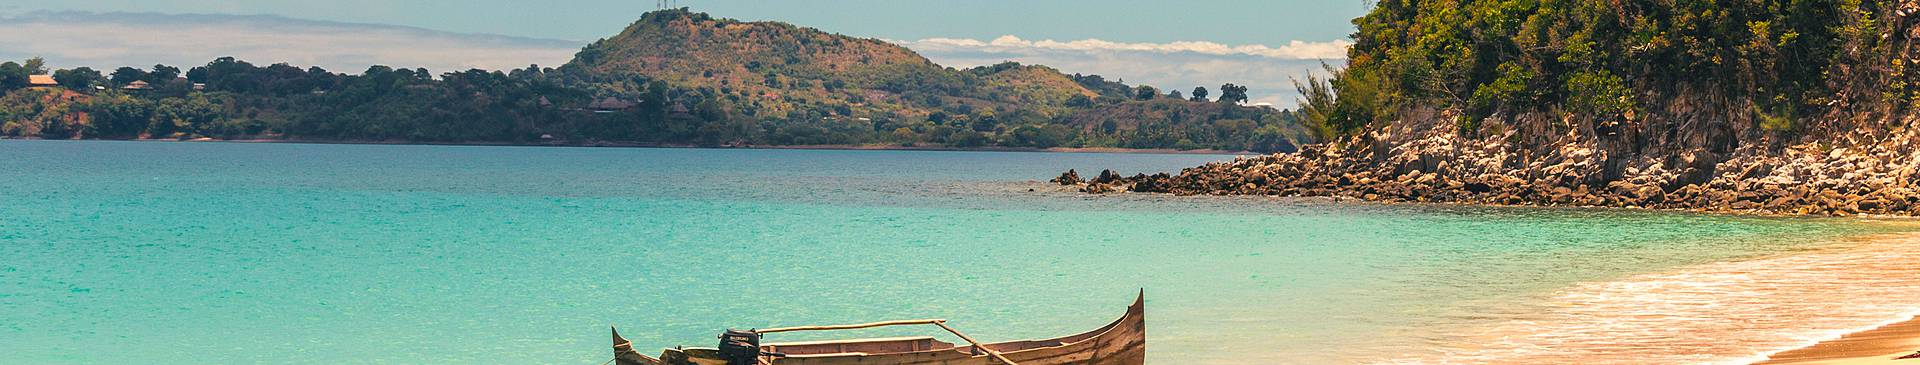 Voyage plage à Madagascar